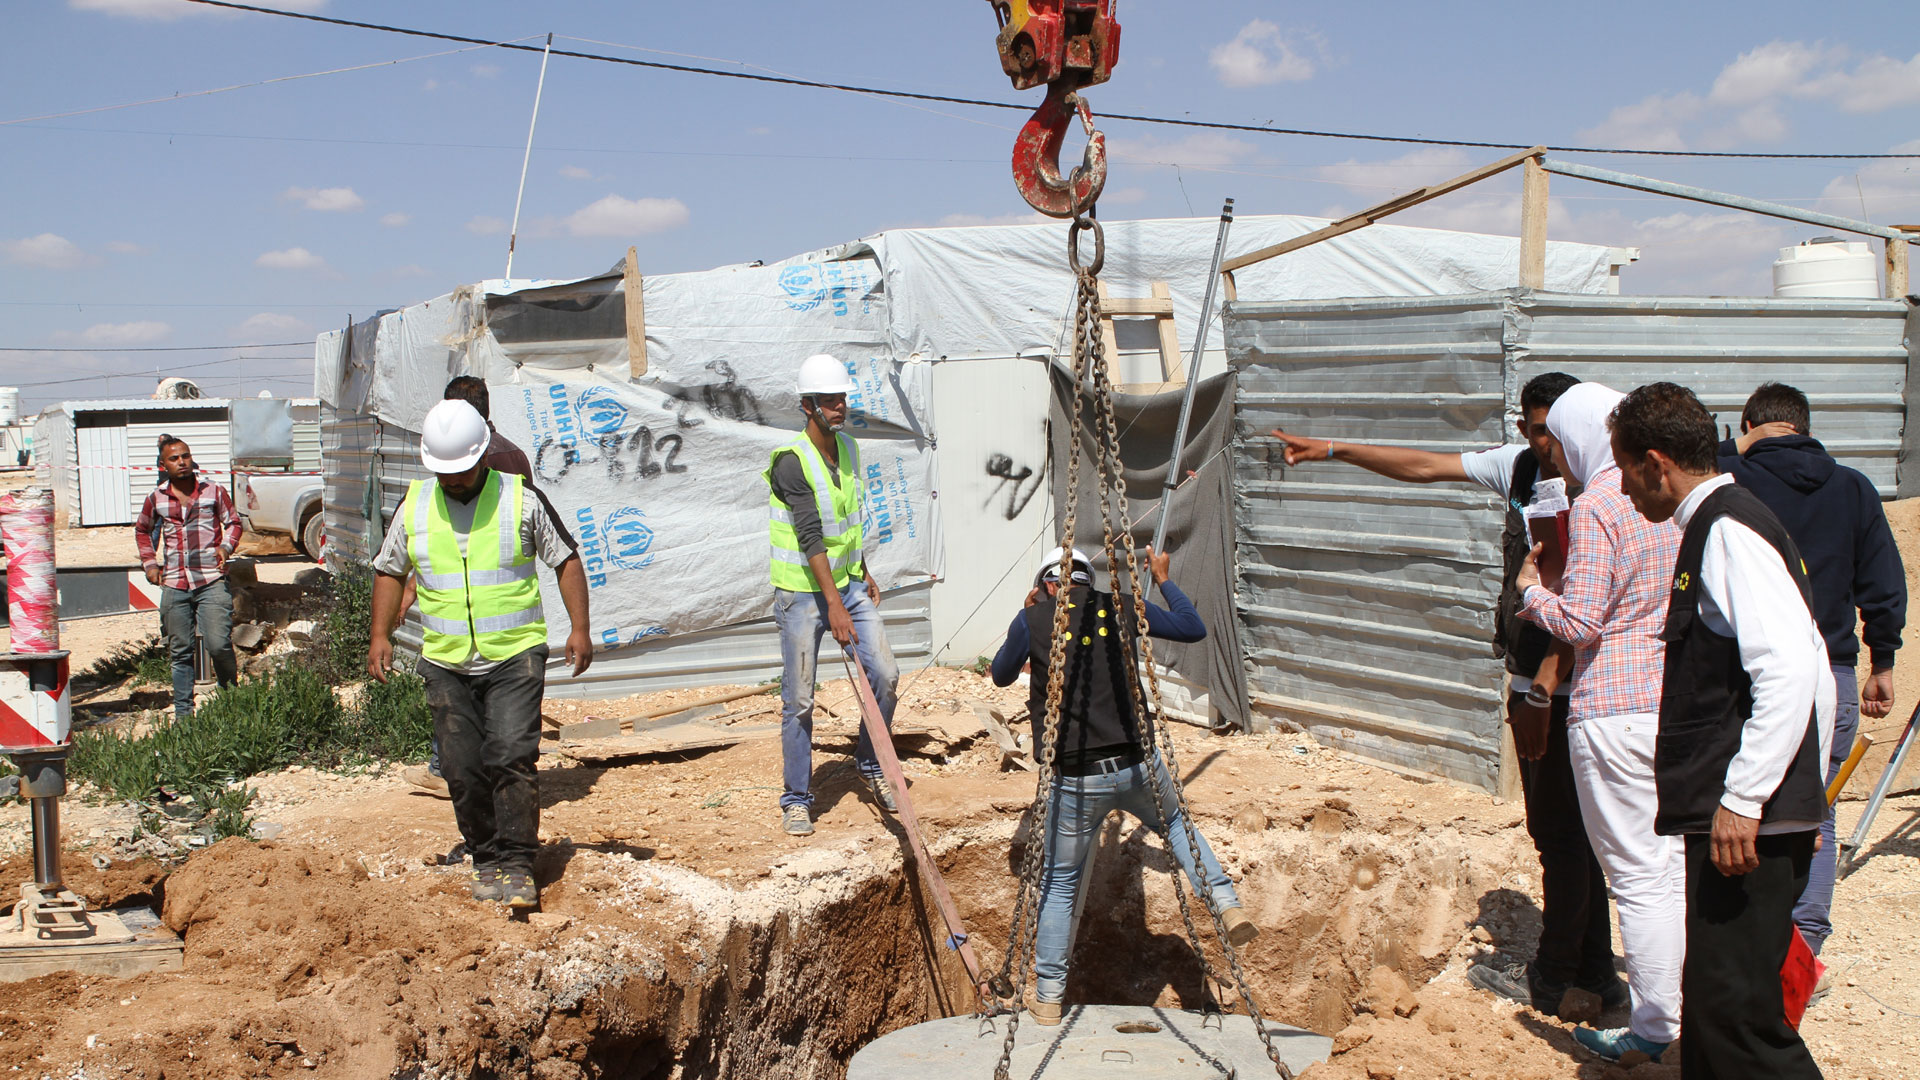 Durch ein Cash-for-Work-Programm wird das Wasserleitungsnetz im Flüchtlingslager Zaatari verbessert.